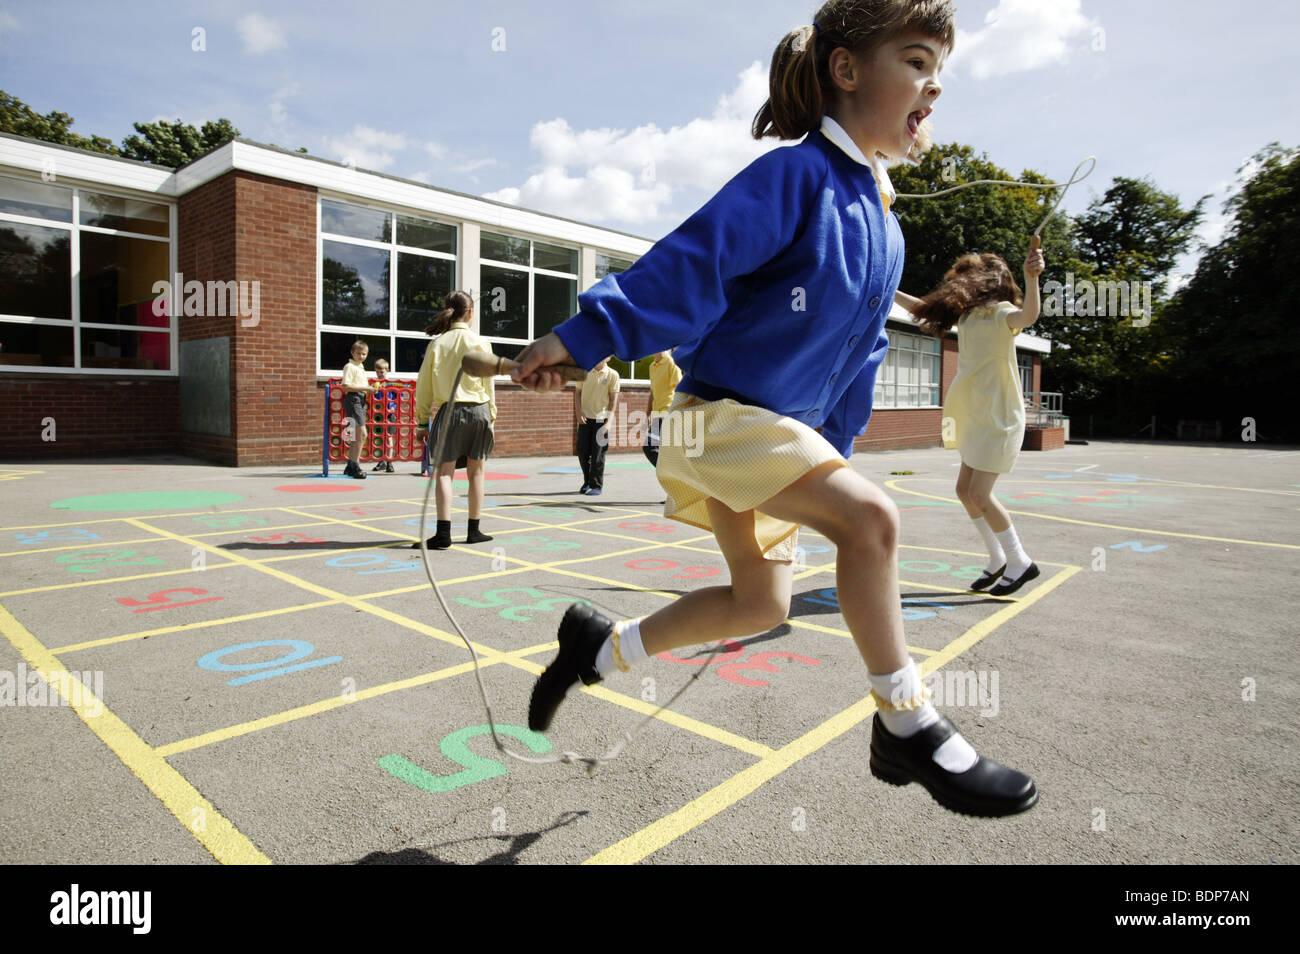 Adotaram uma escola primária em saltos de parque infantil no Reino Unido. Imagens de Stock